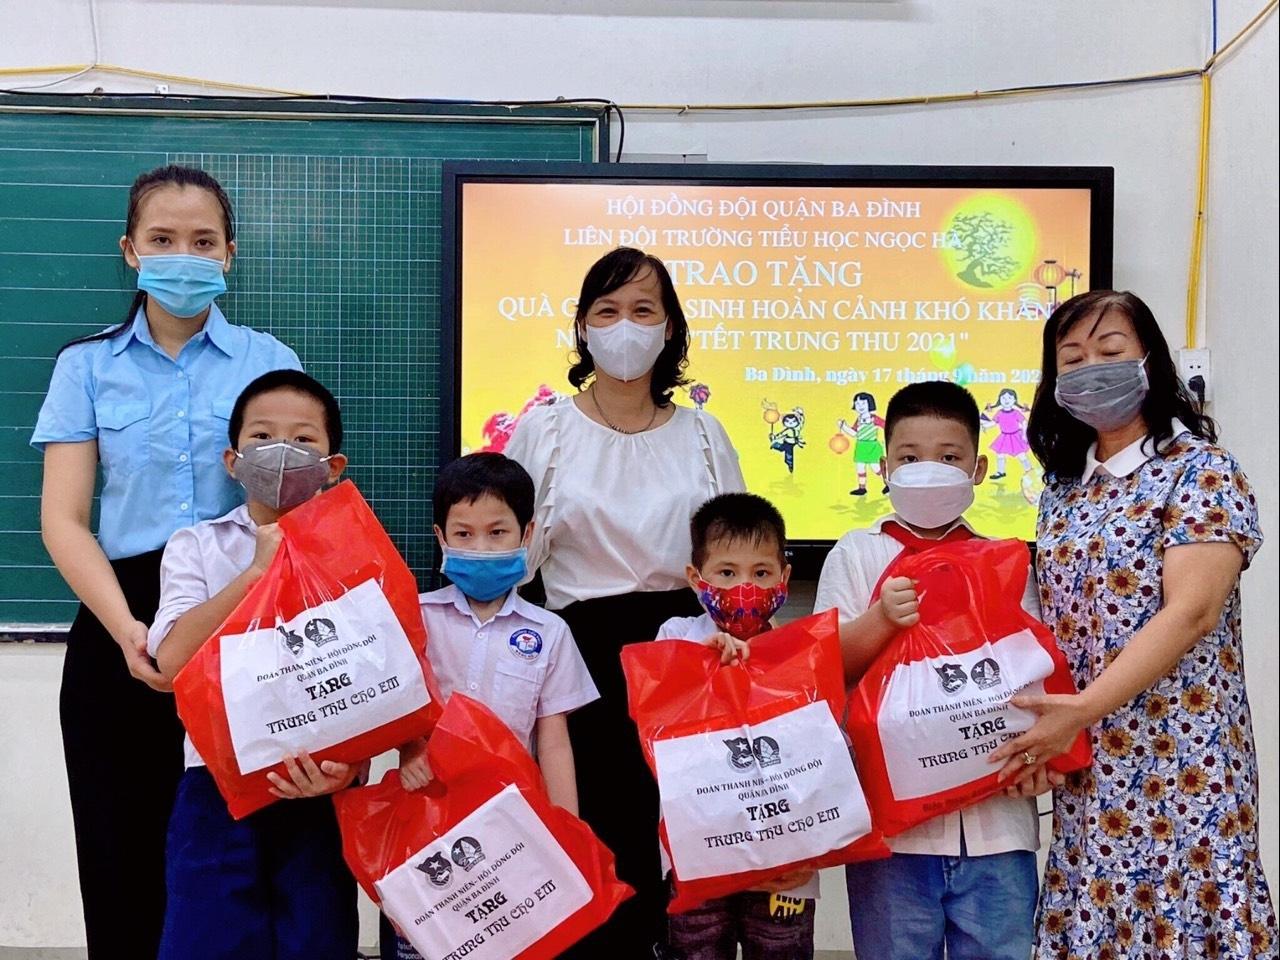 Hà Nội: 700 bánh Trung thu yêu thương tặng thiếu nhi khó khăn quận Ba Đình